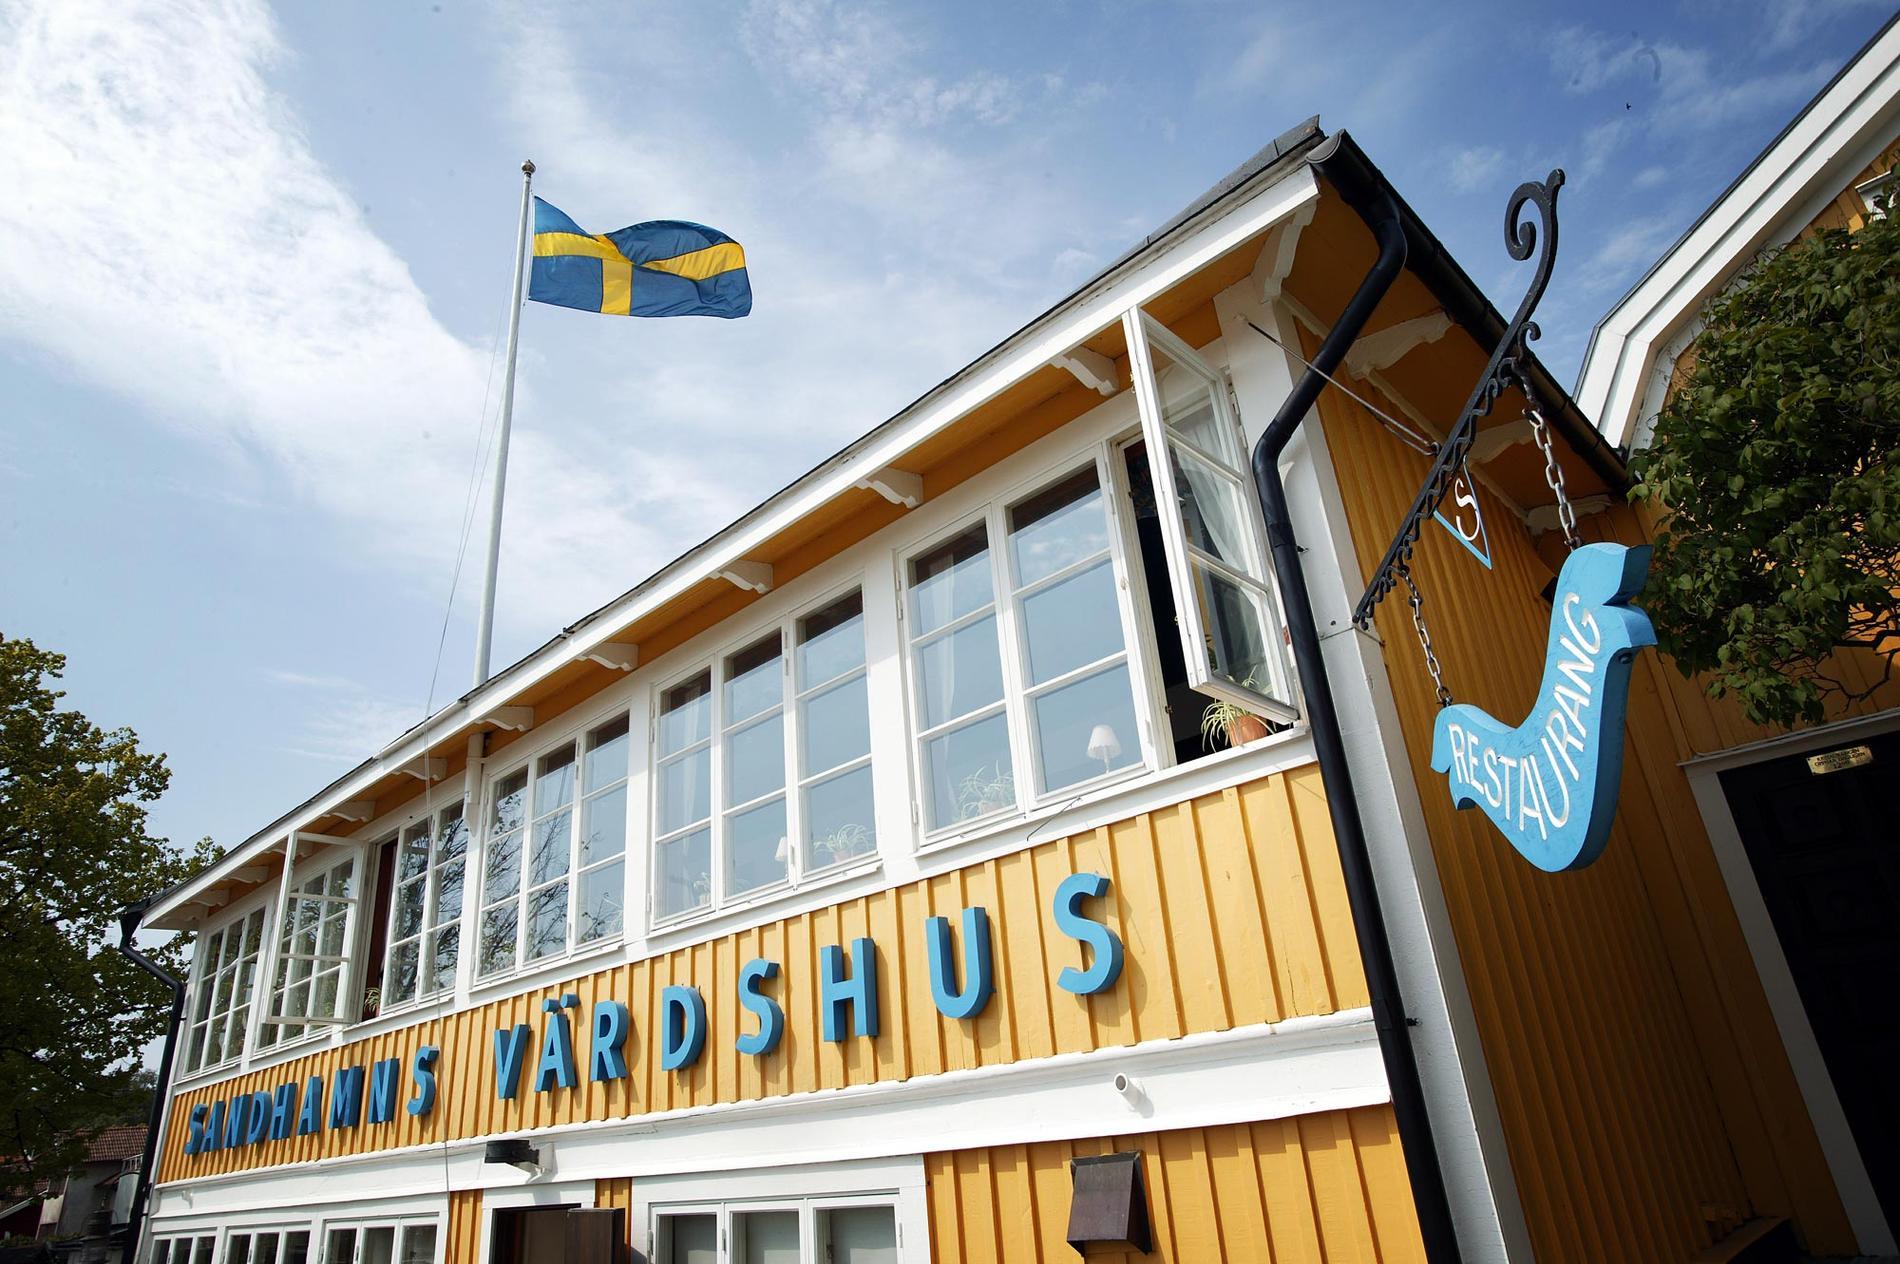 Sandhamn längst ut i Stockholms skärgård är känt bland annat för sitt värdshus med anor från 1600-talet.